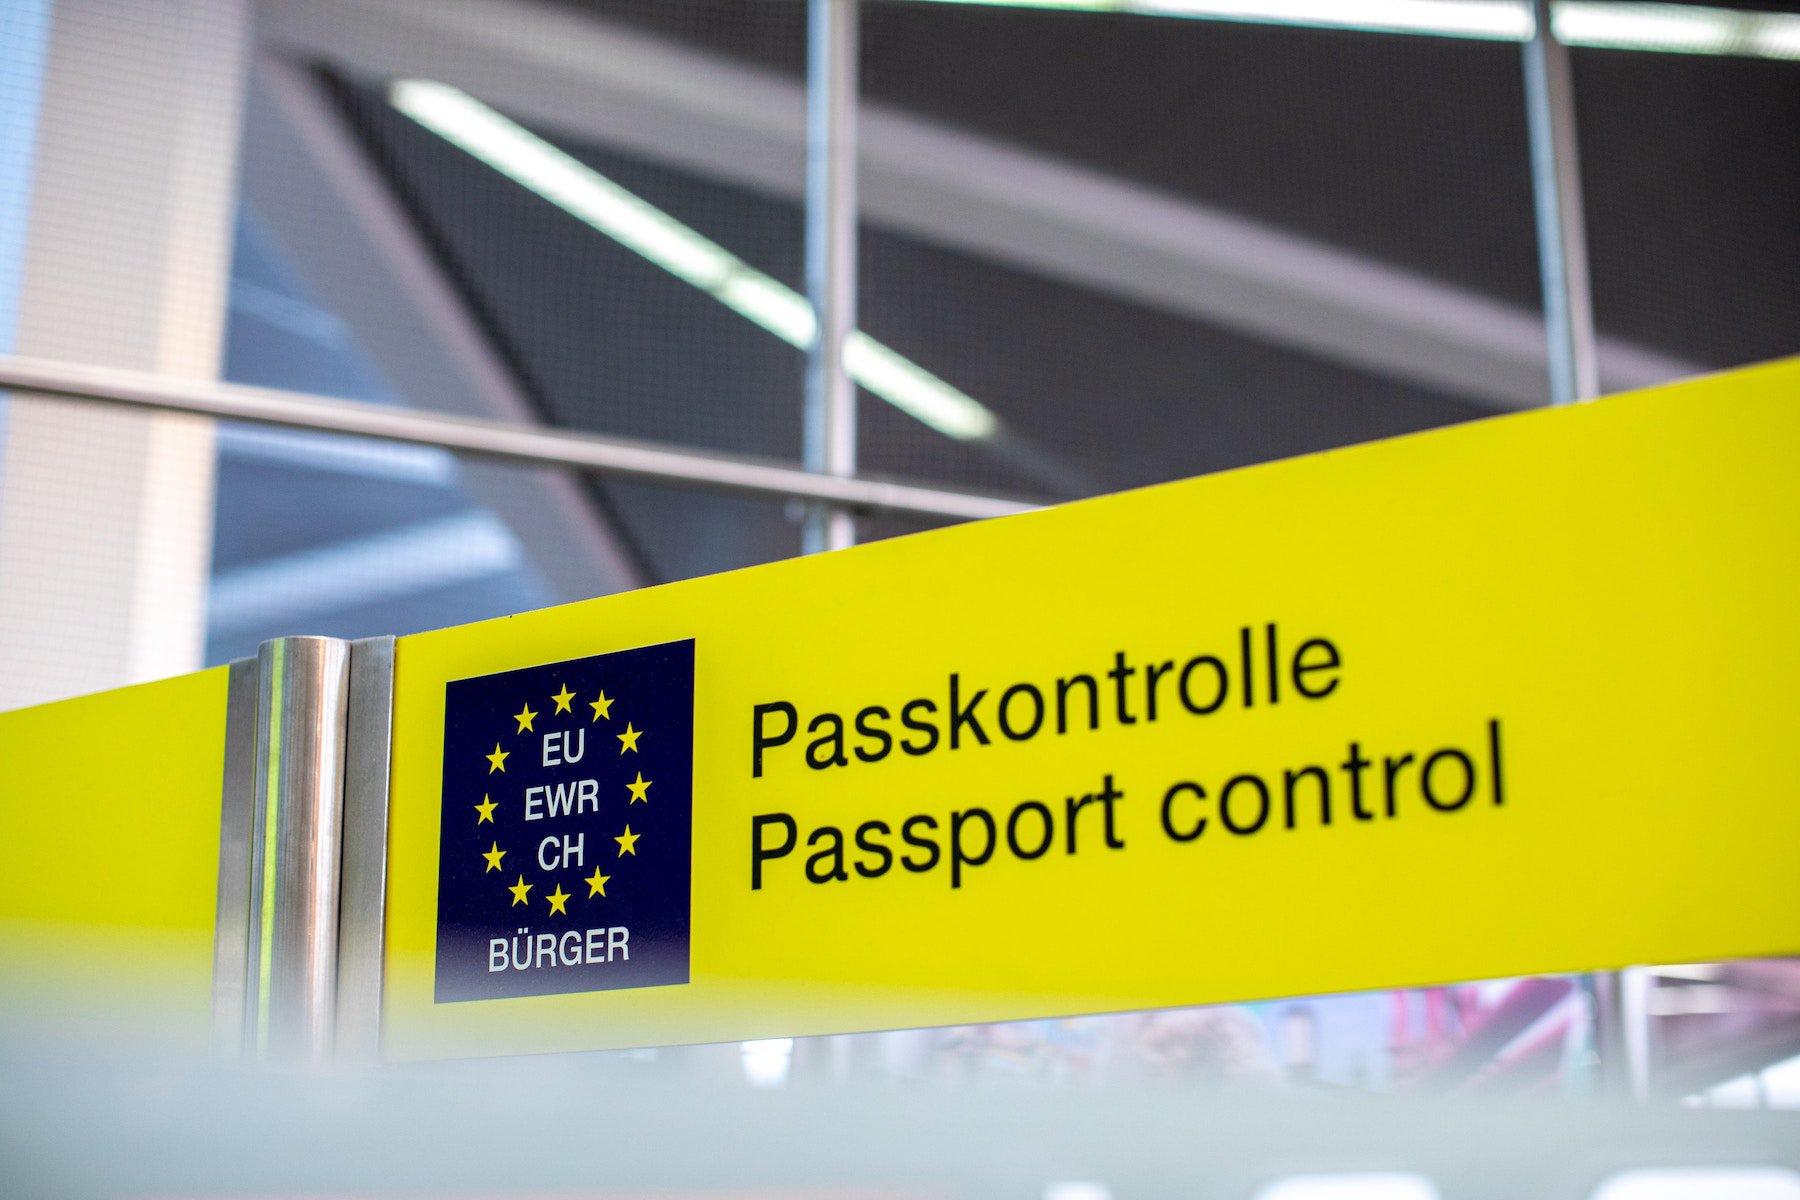 passport-controll.jpg